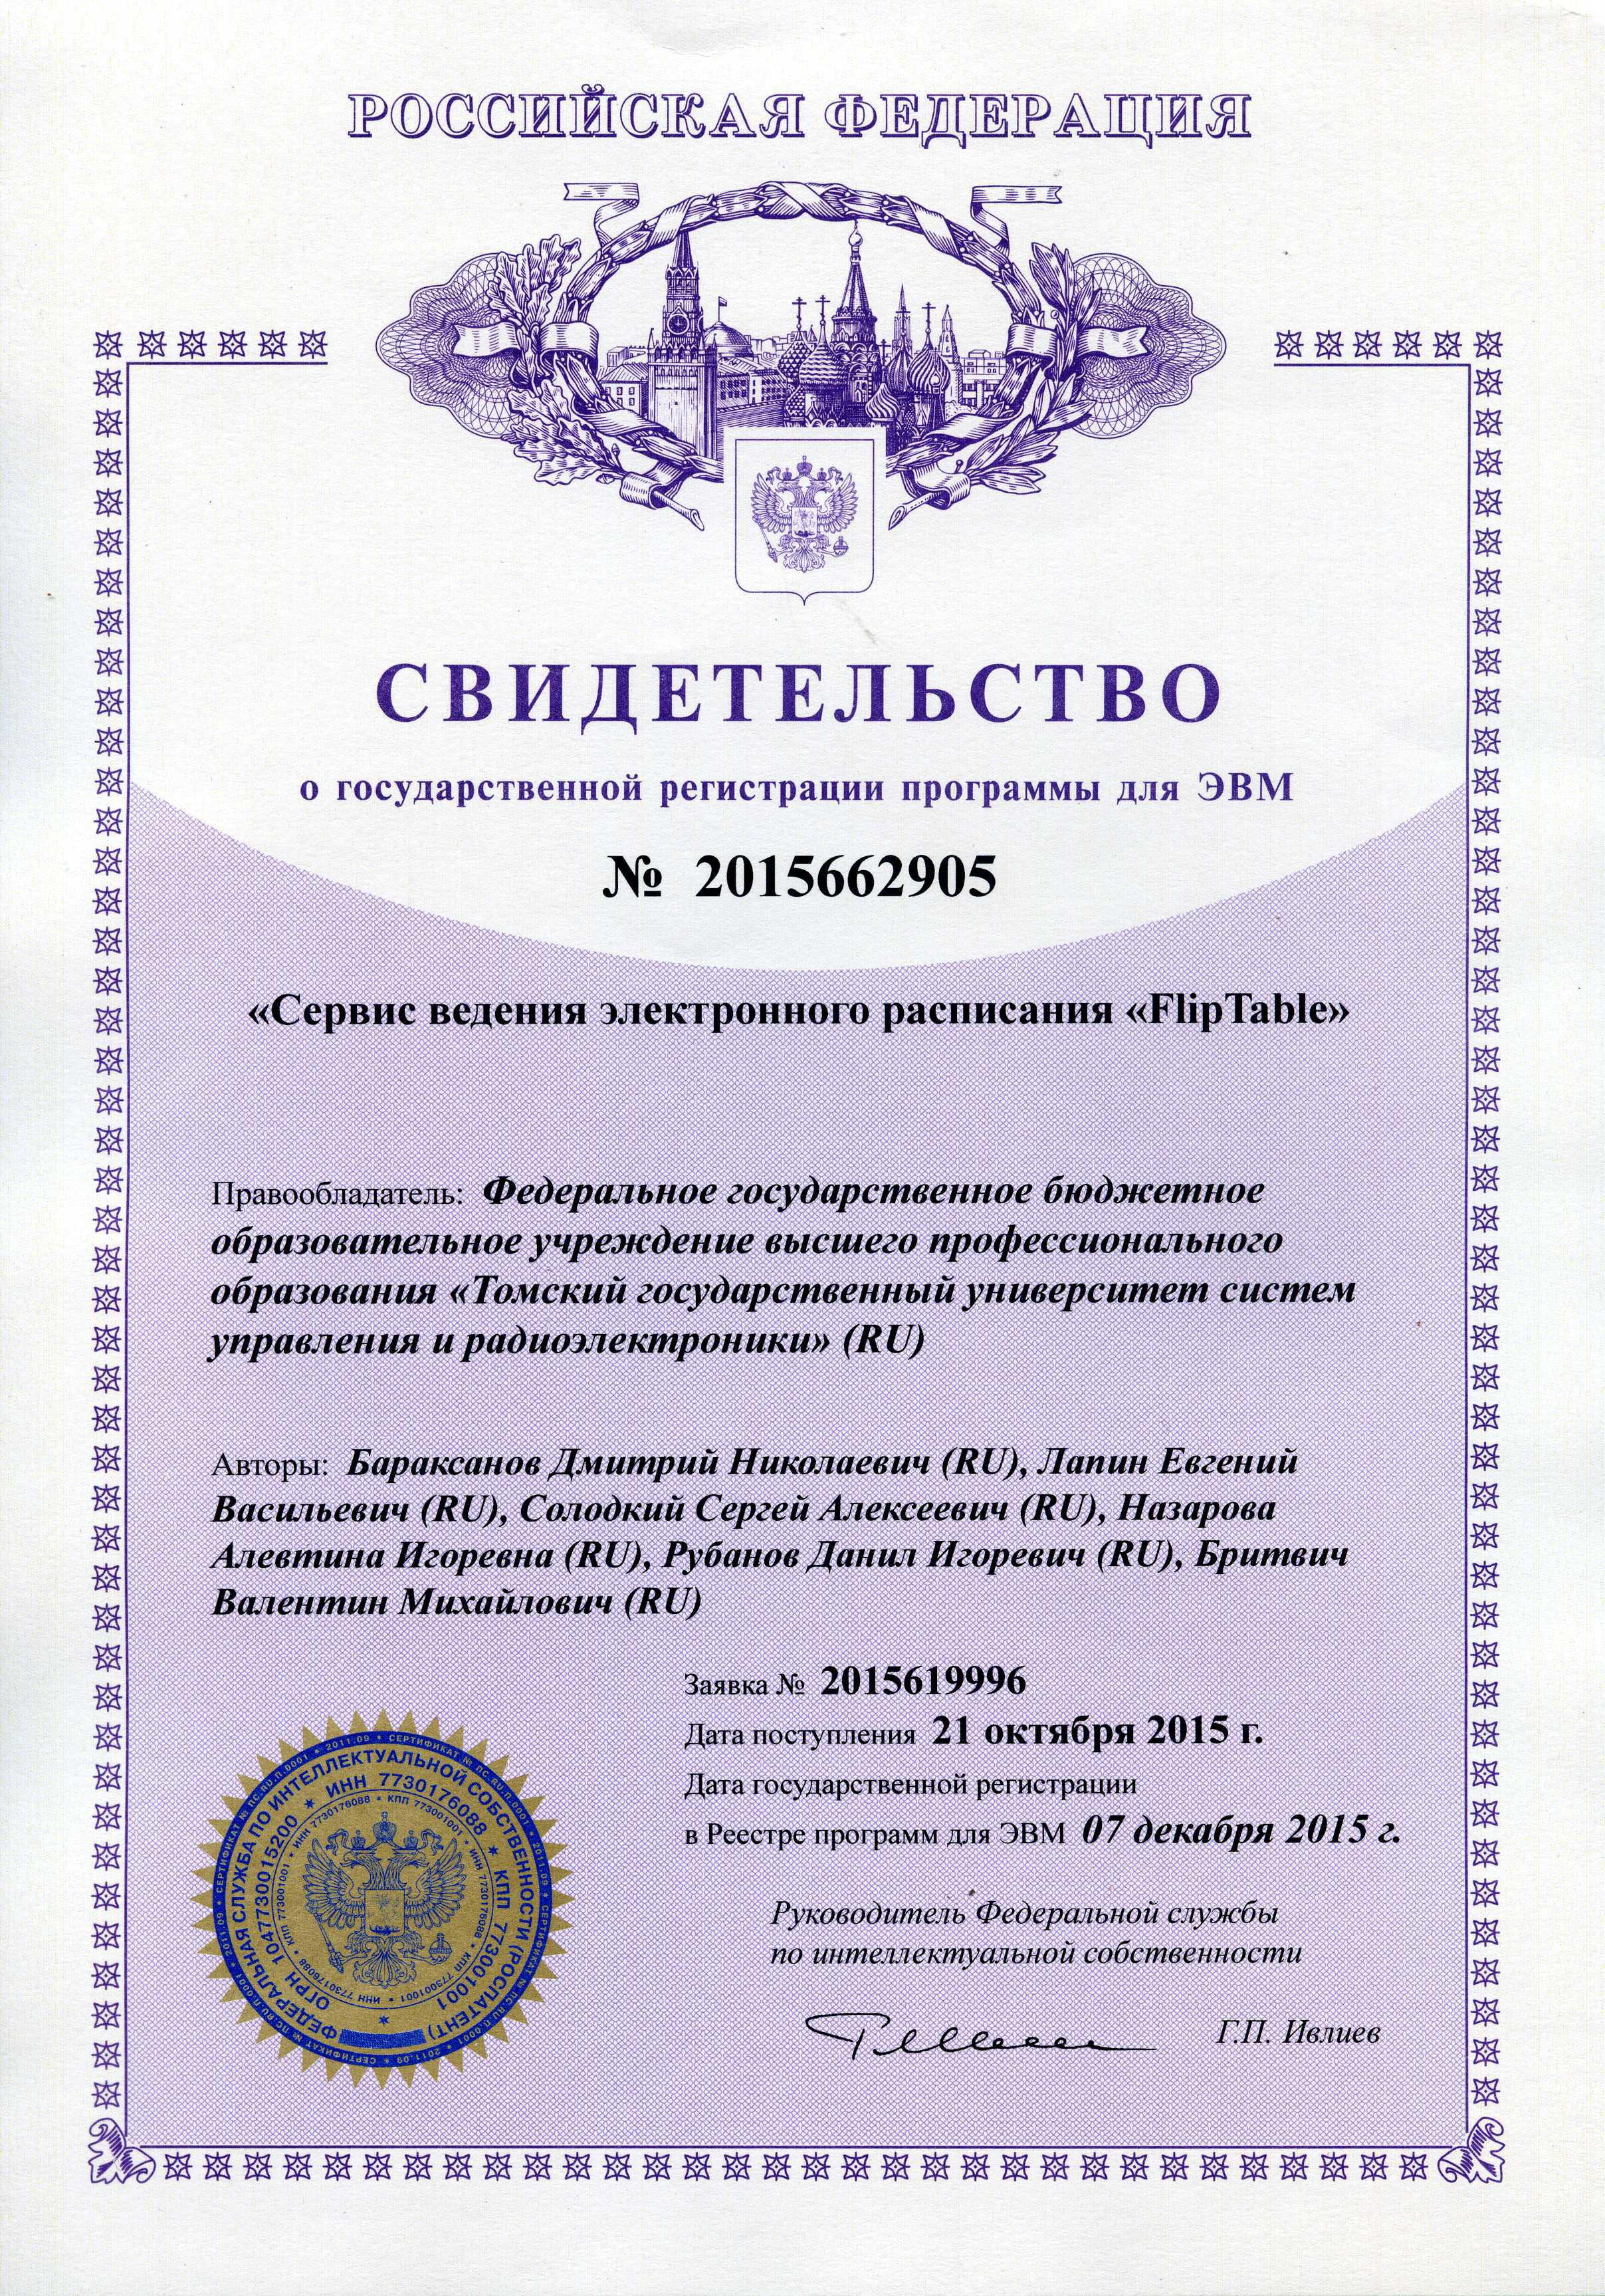 """Свидетельство о государственной регистрации программы для ЭВМ """"Сервис электронного расписания """"FlipTable"""""""